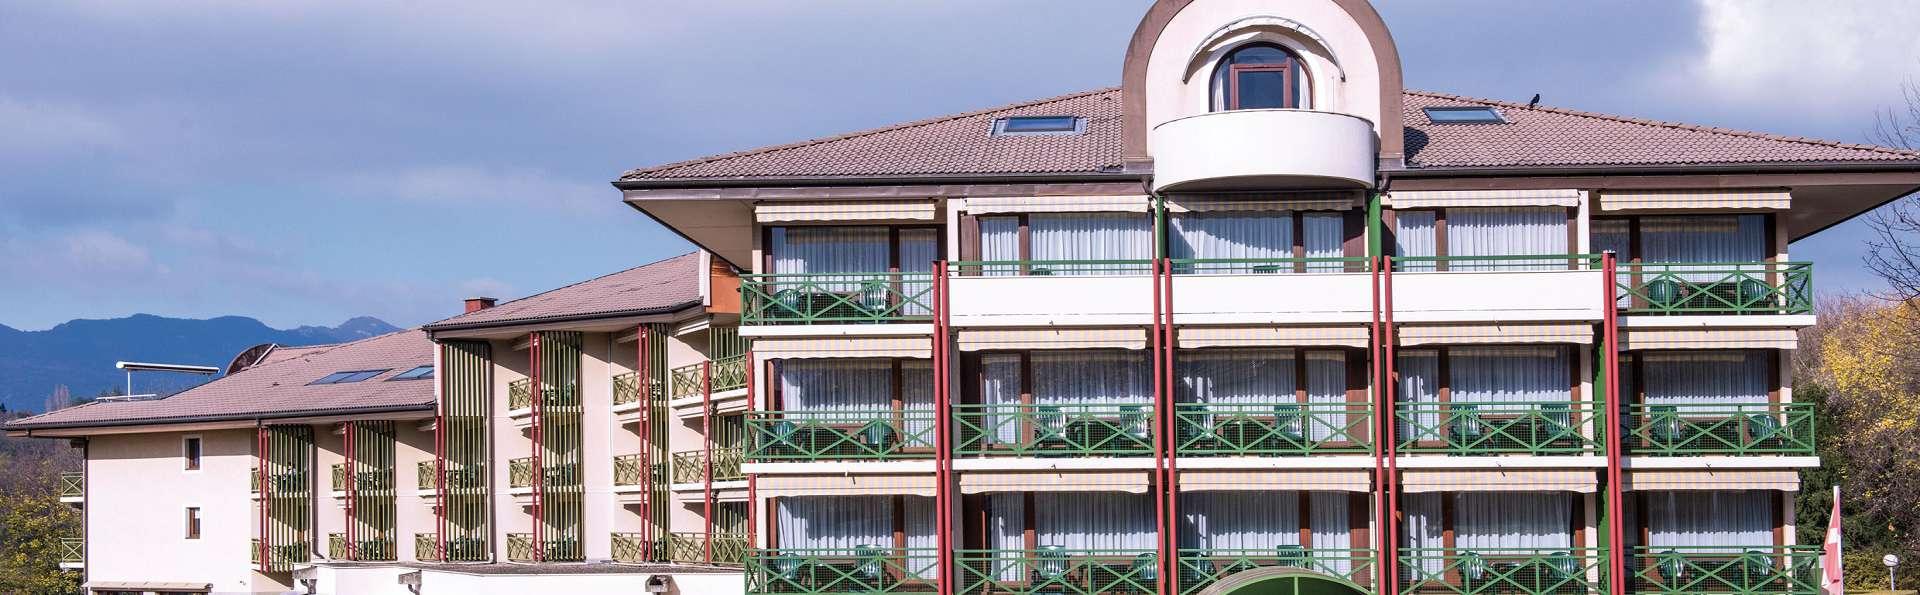 Hôtel Vacances Bleues Villa Marlioz - EDIT_Facade.jpg